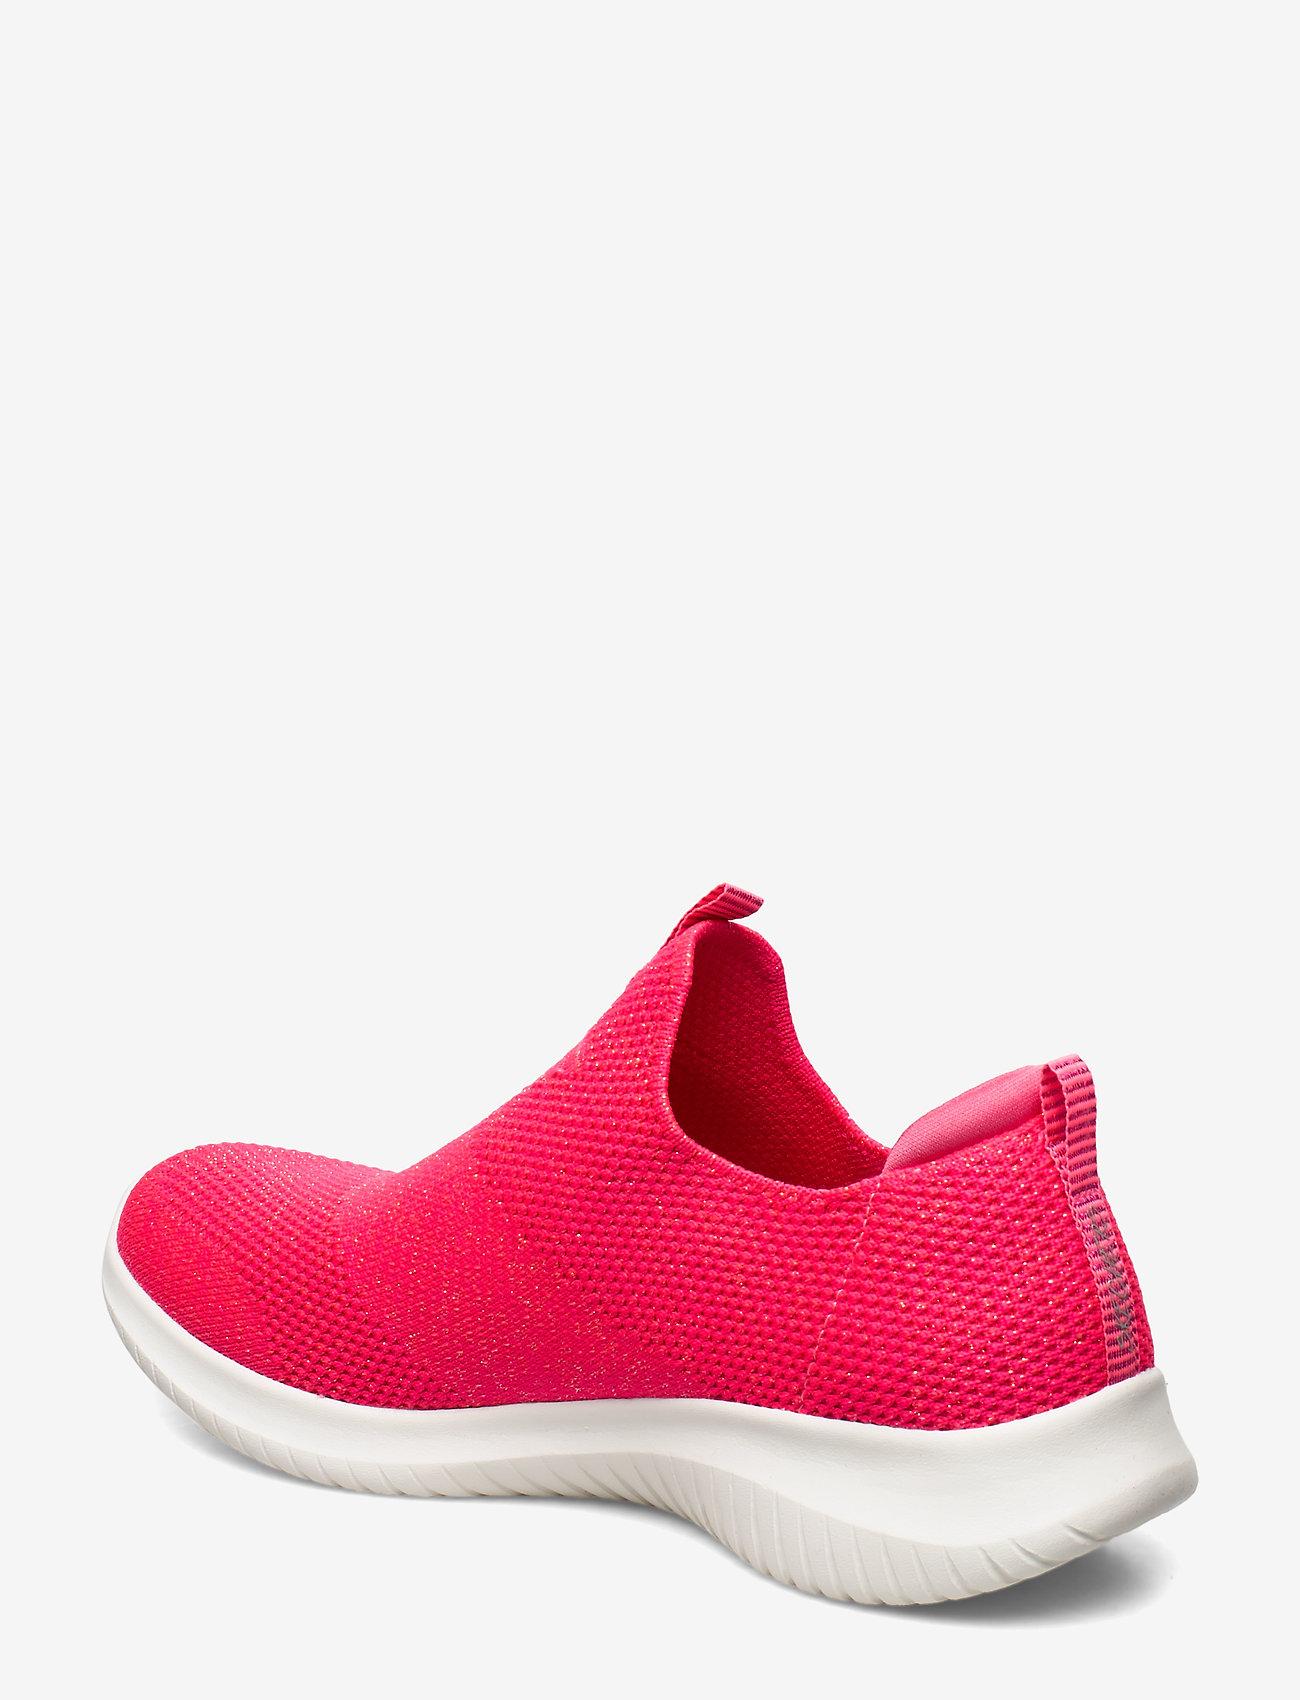 Womens Ultra Flex (Ncor Neon Coral) - Skechers